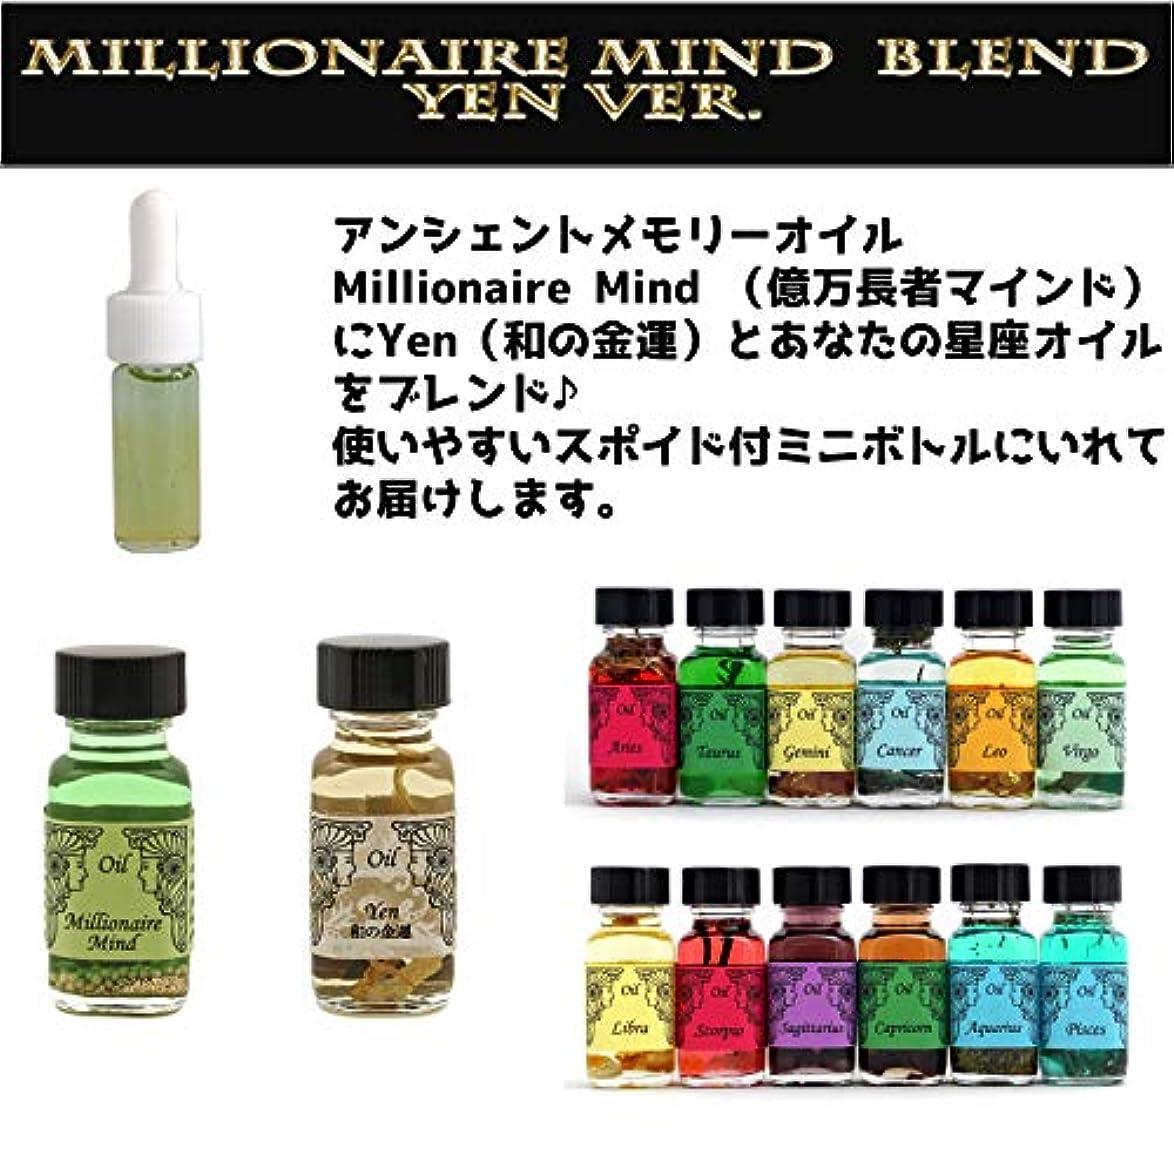 クッションフリンジ沿ってアンシェントメモリーオイル Millionaire Mind 億万長者マインド ブレンド【Yen 和の金運&やぎ座】